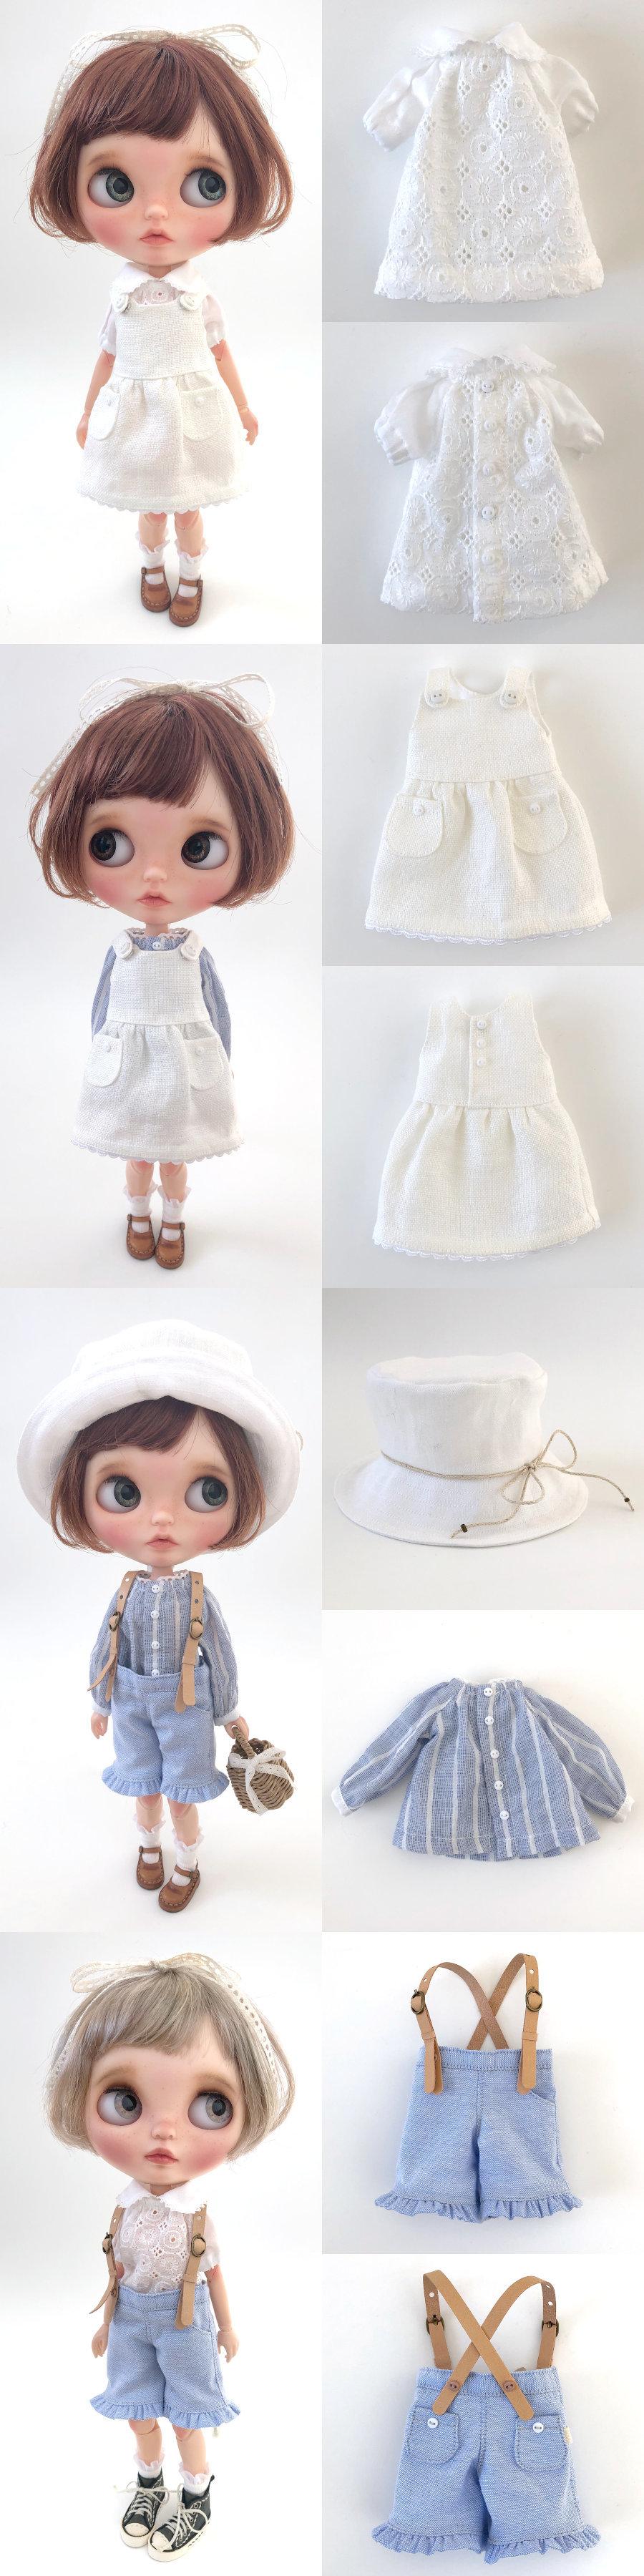 * lucalily * dolls clothes * Patchwork blouson set *_d0217189_12171330.jpeg